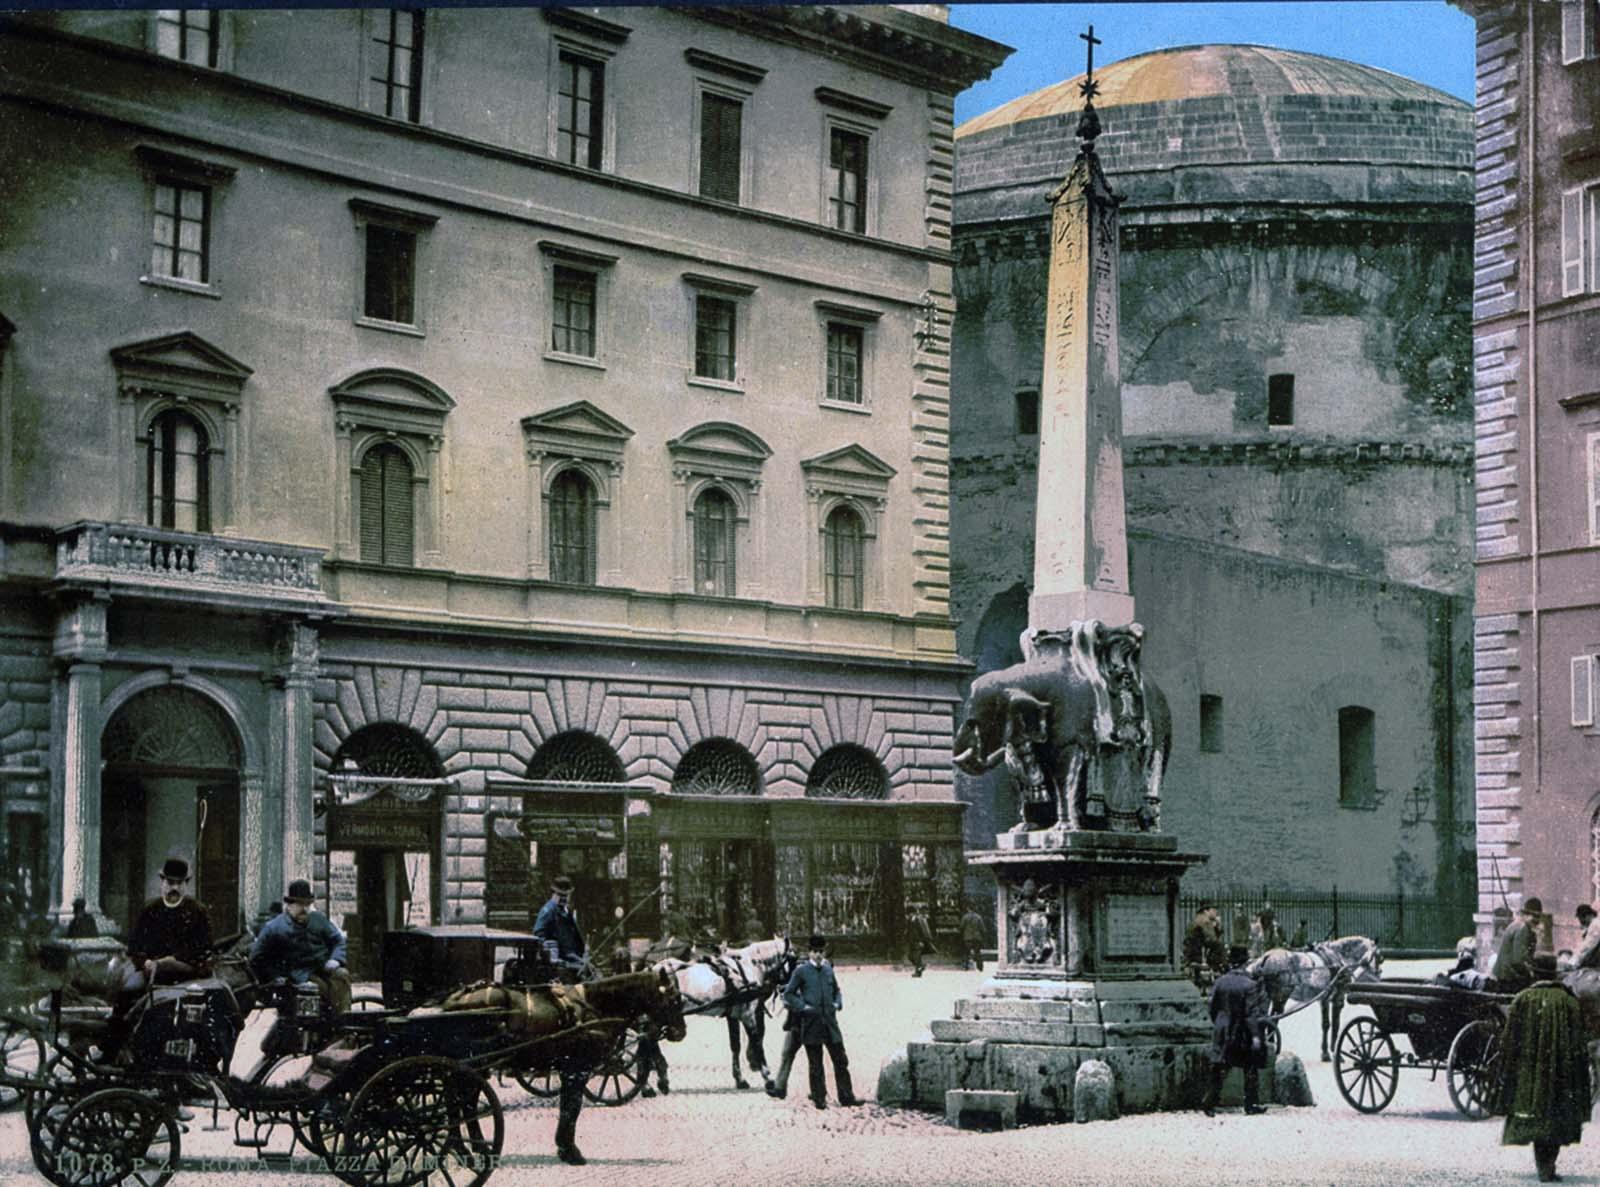 Anciennes photographies couleur de Rome, 1890